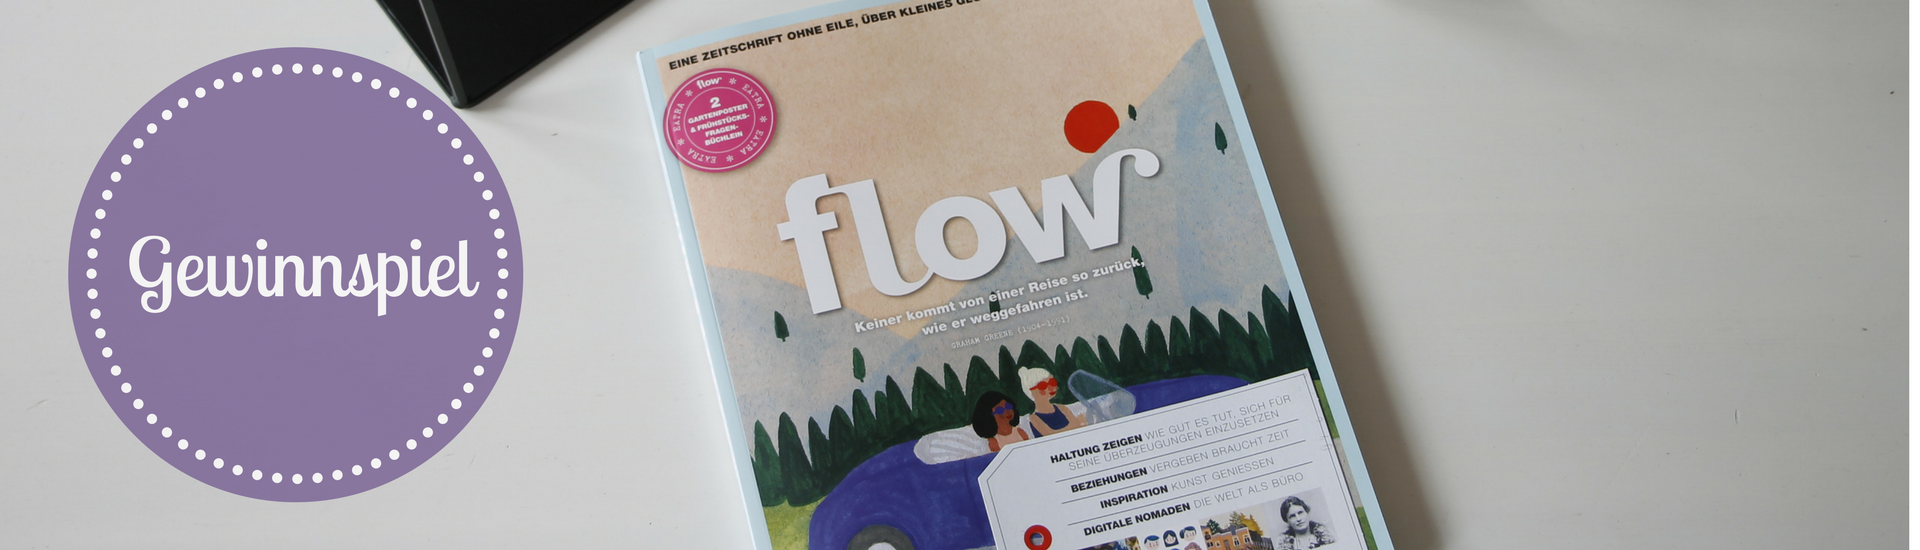 flow magazin abo lavendelblog. Black Bedroom Furniture Sets. Home Design Ideas